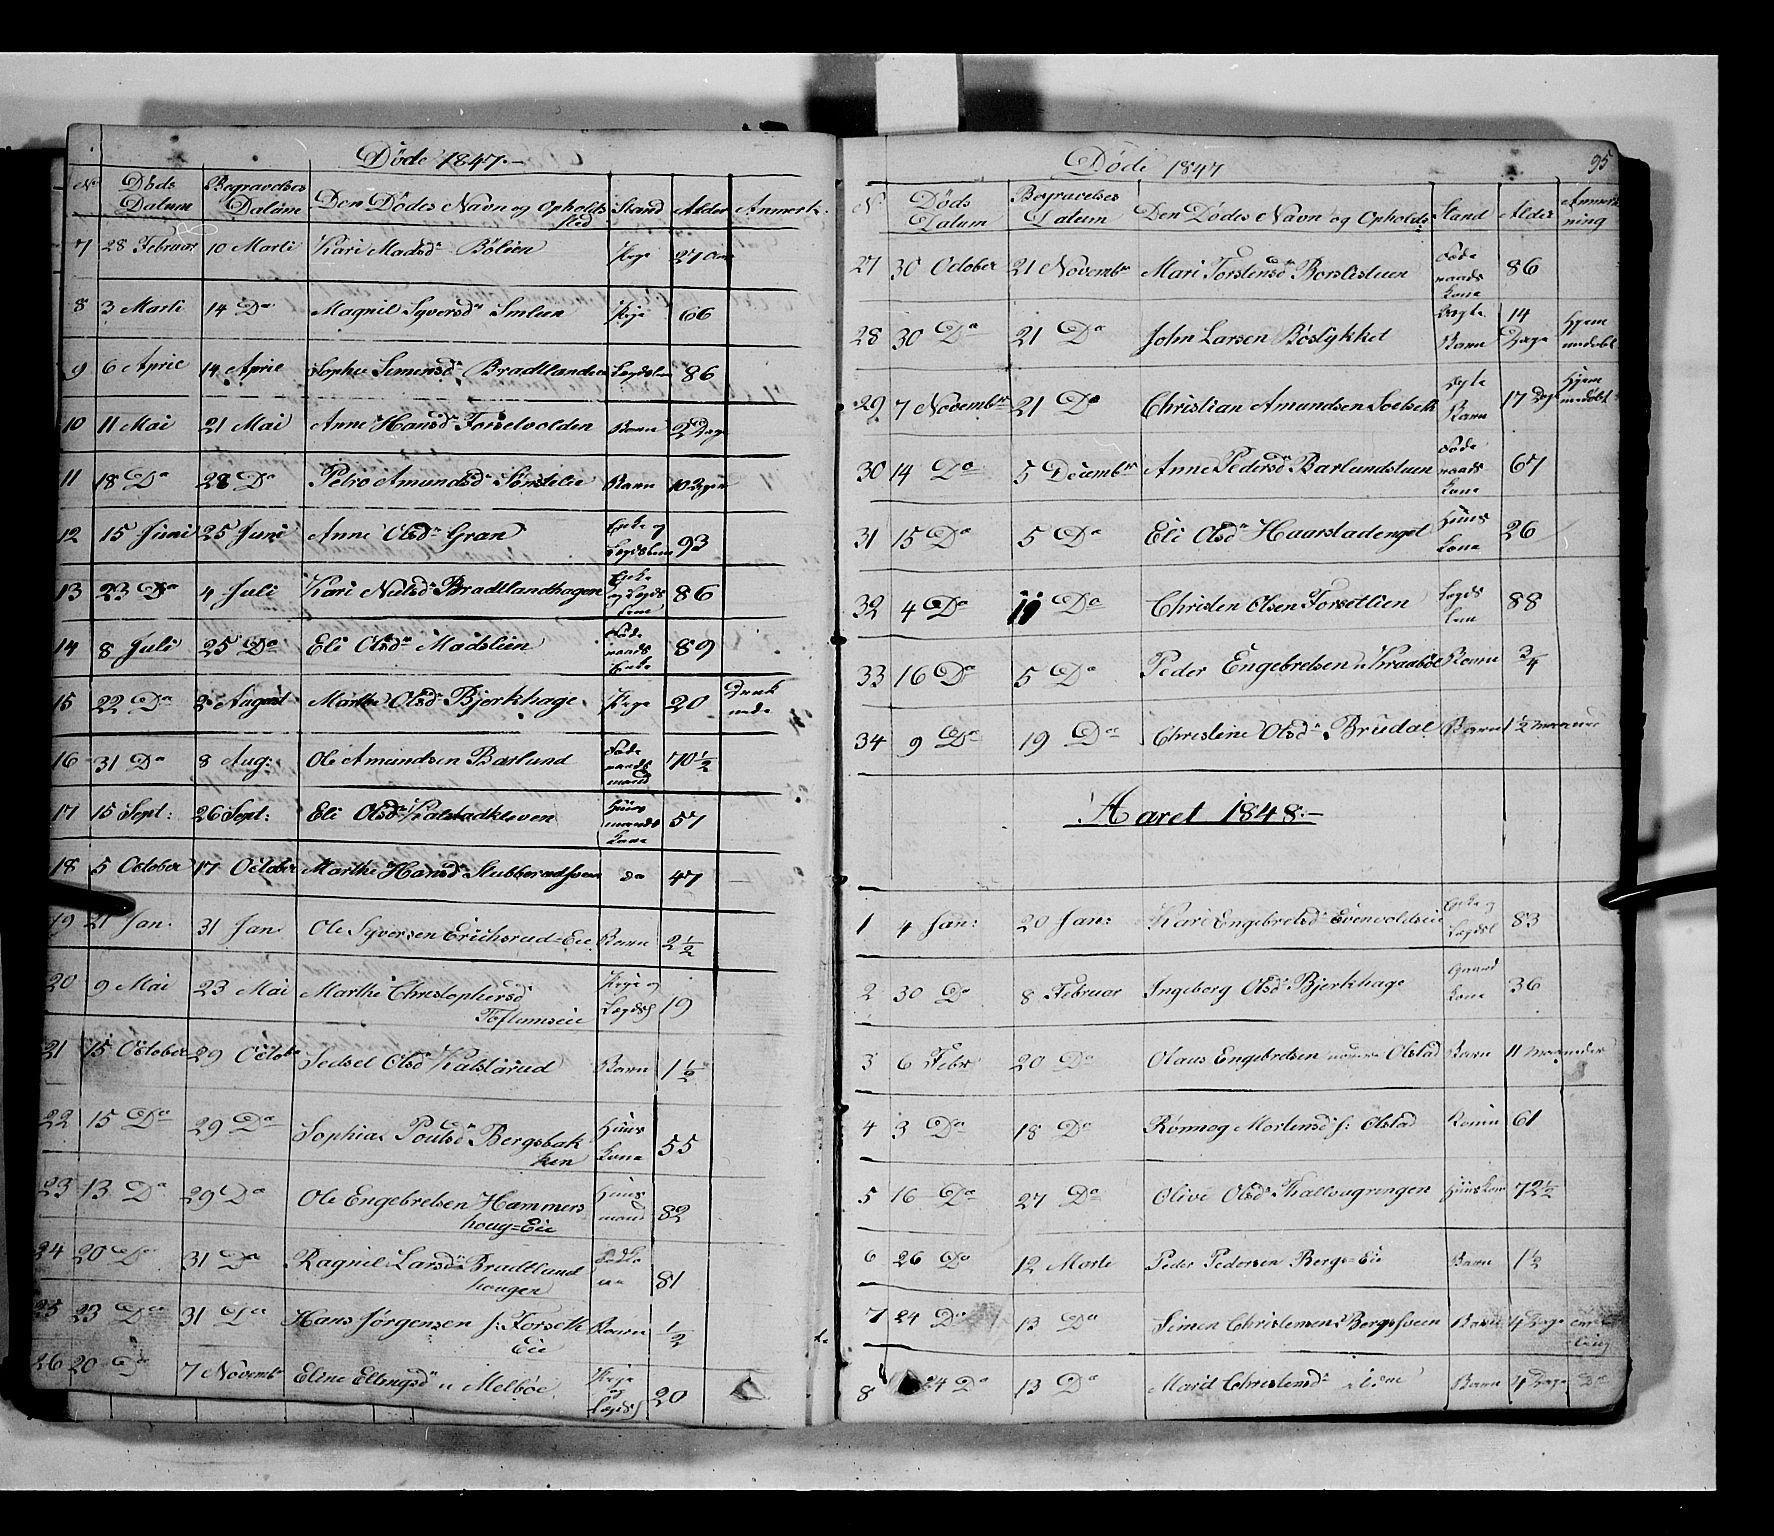 SAH, Gausdal prestekontor, Klokkerbok nr. 5, 1846-1867, s. 95